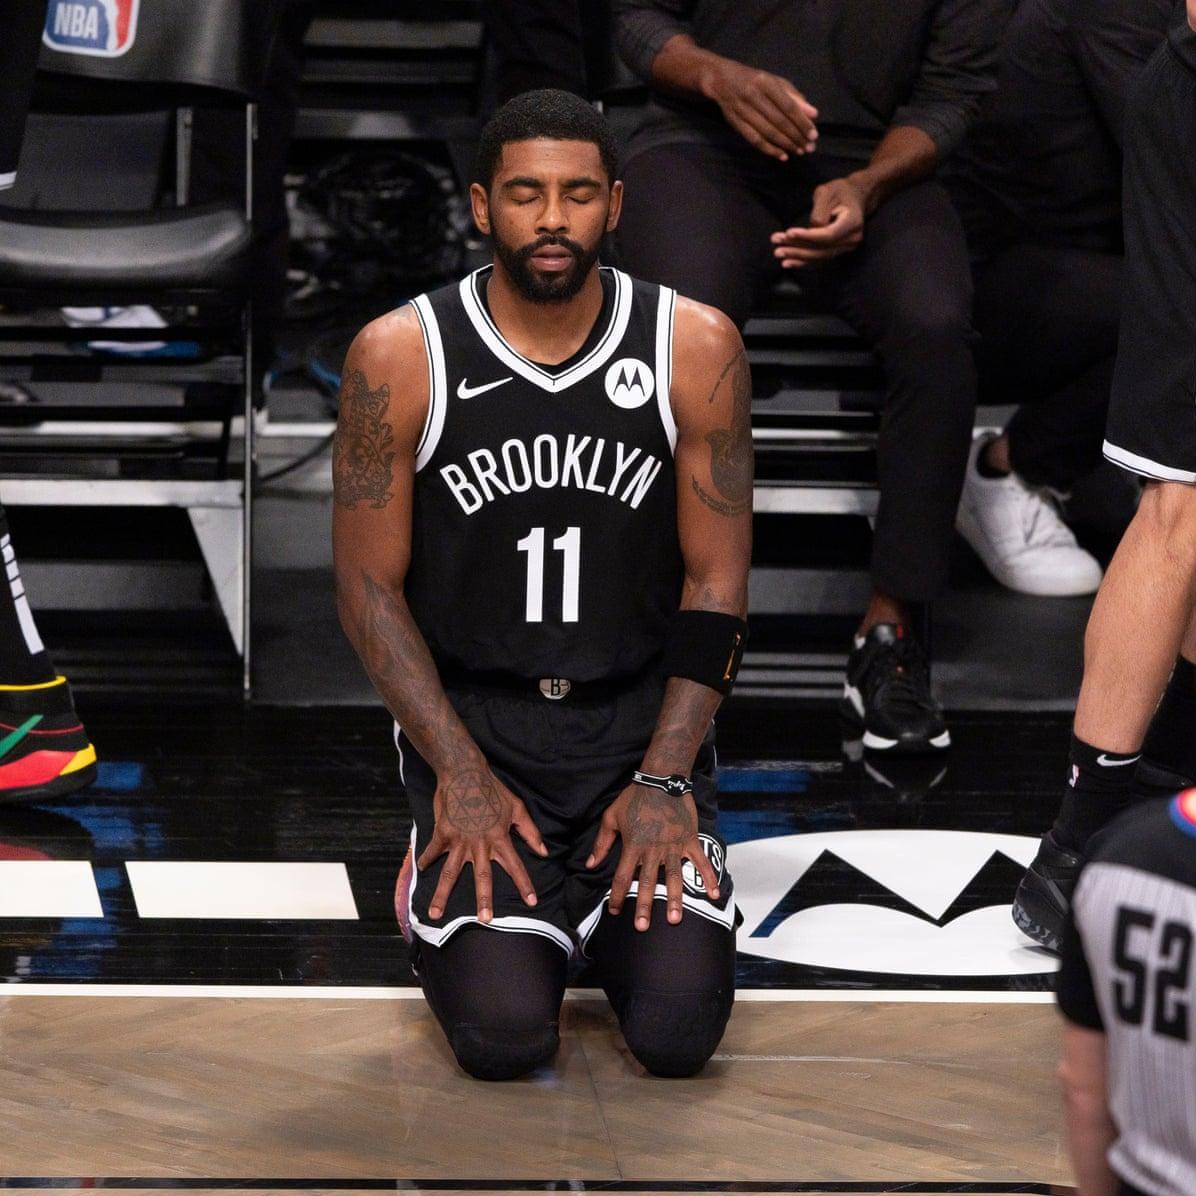 14000208000757 Test NewPhotoFree - اظهارات ستاره NBA در مورد روزه داری: با روزه گرفتن به وظیفهام عمل میکنم+عکس